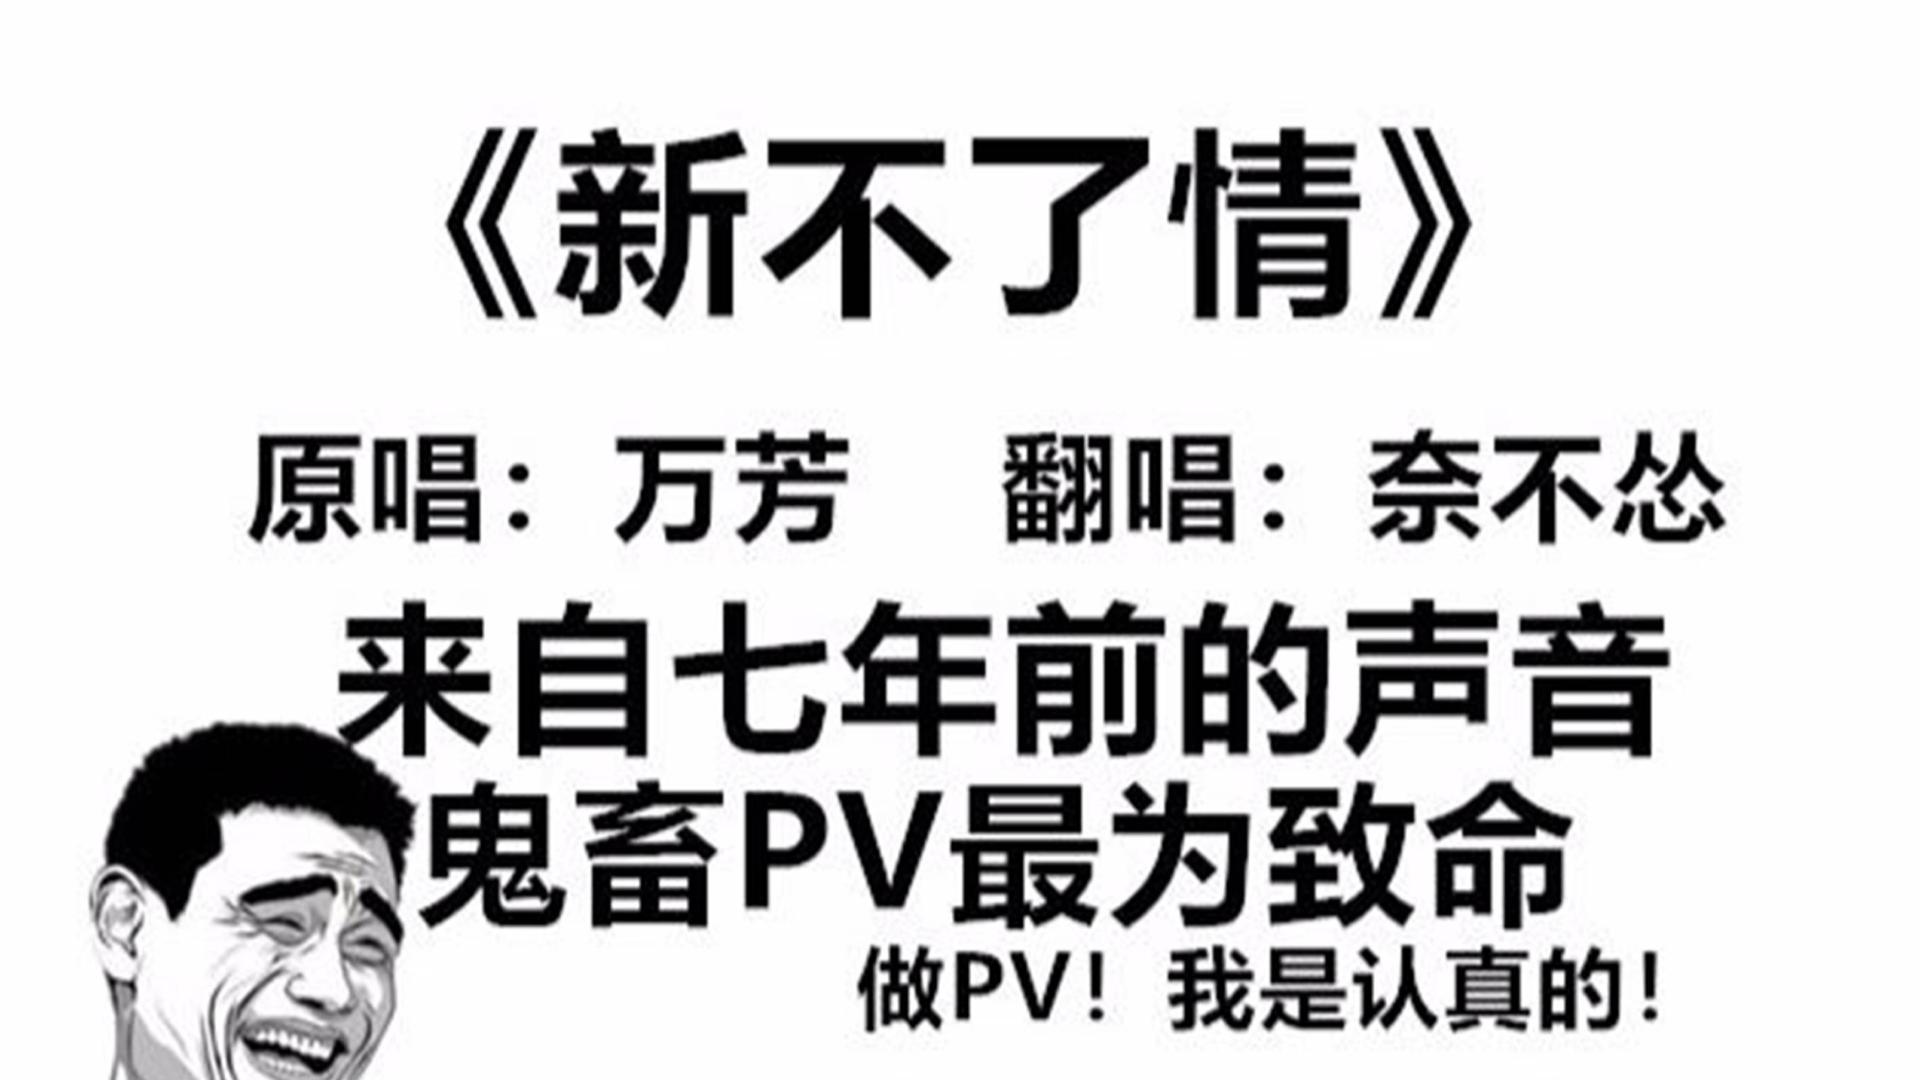 鬼畜PV《新不了情》翻唱来自七年前的奈不怂